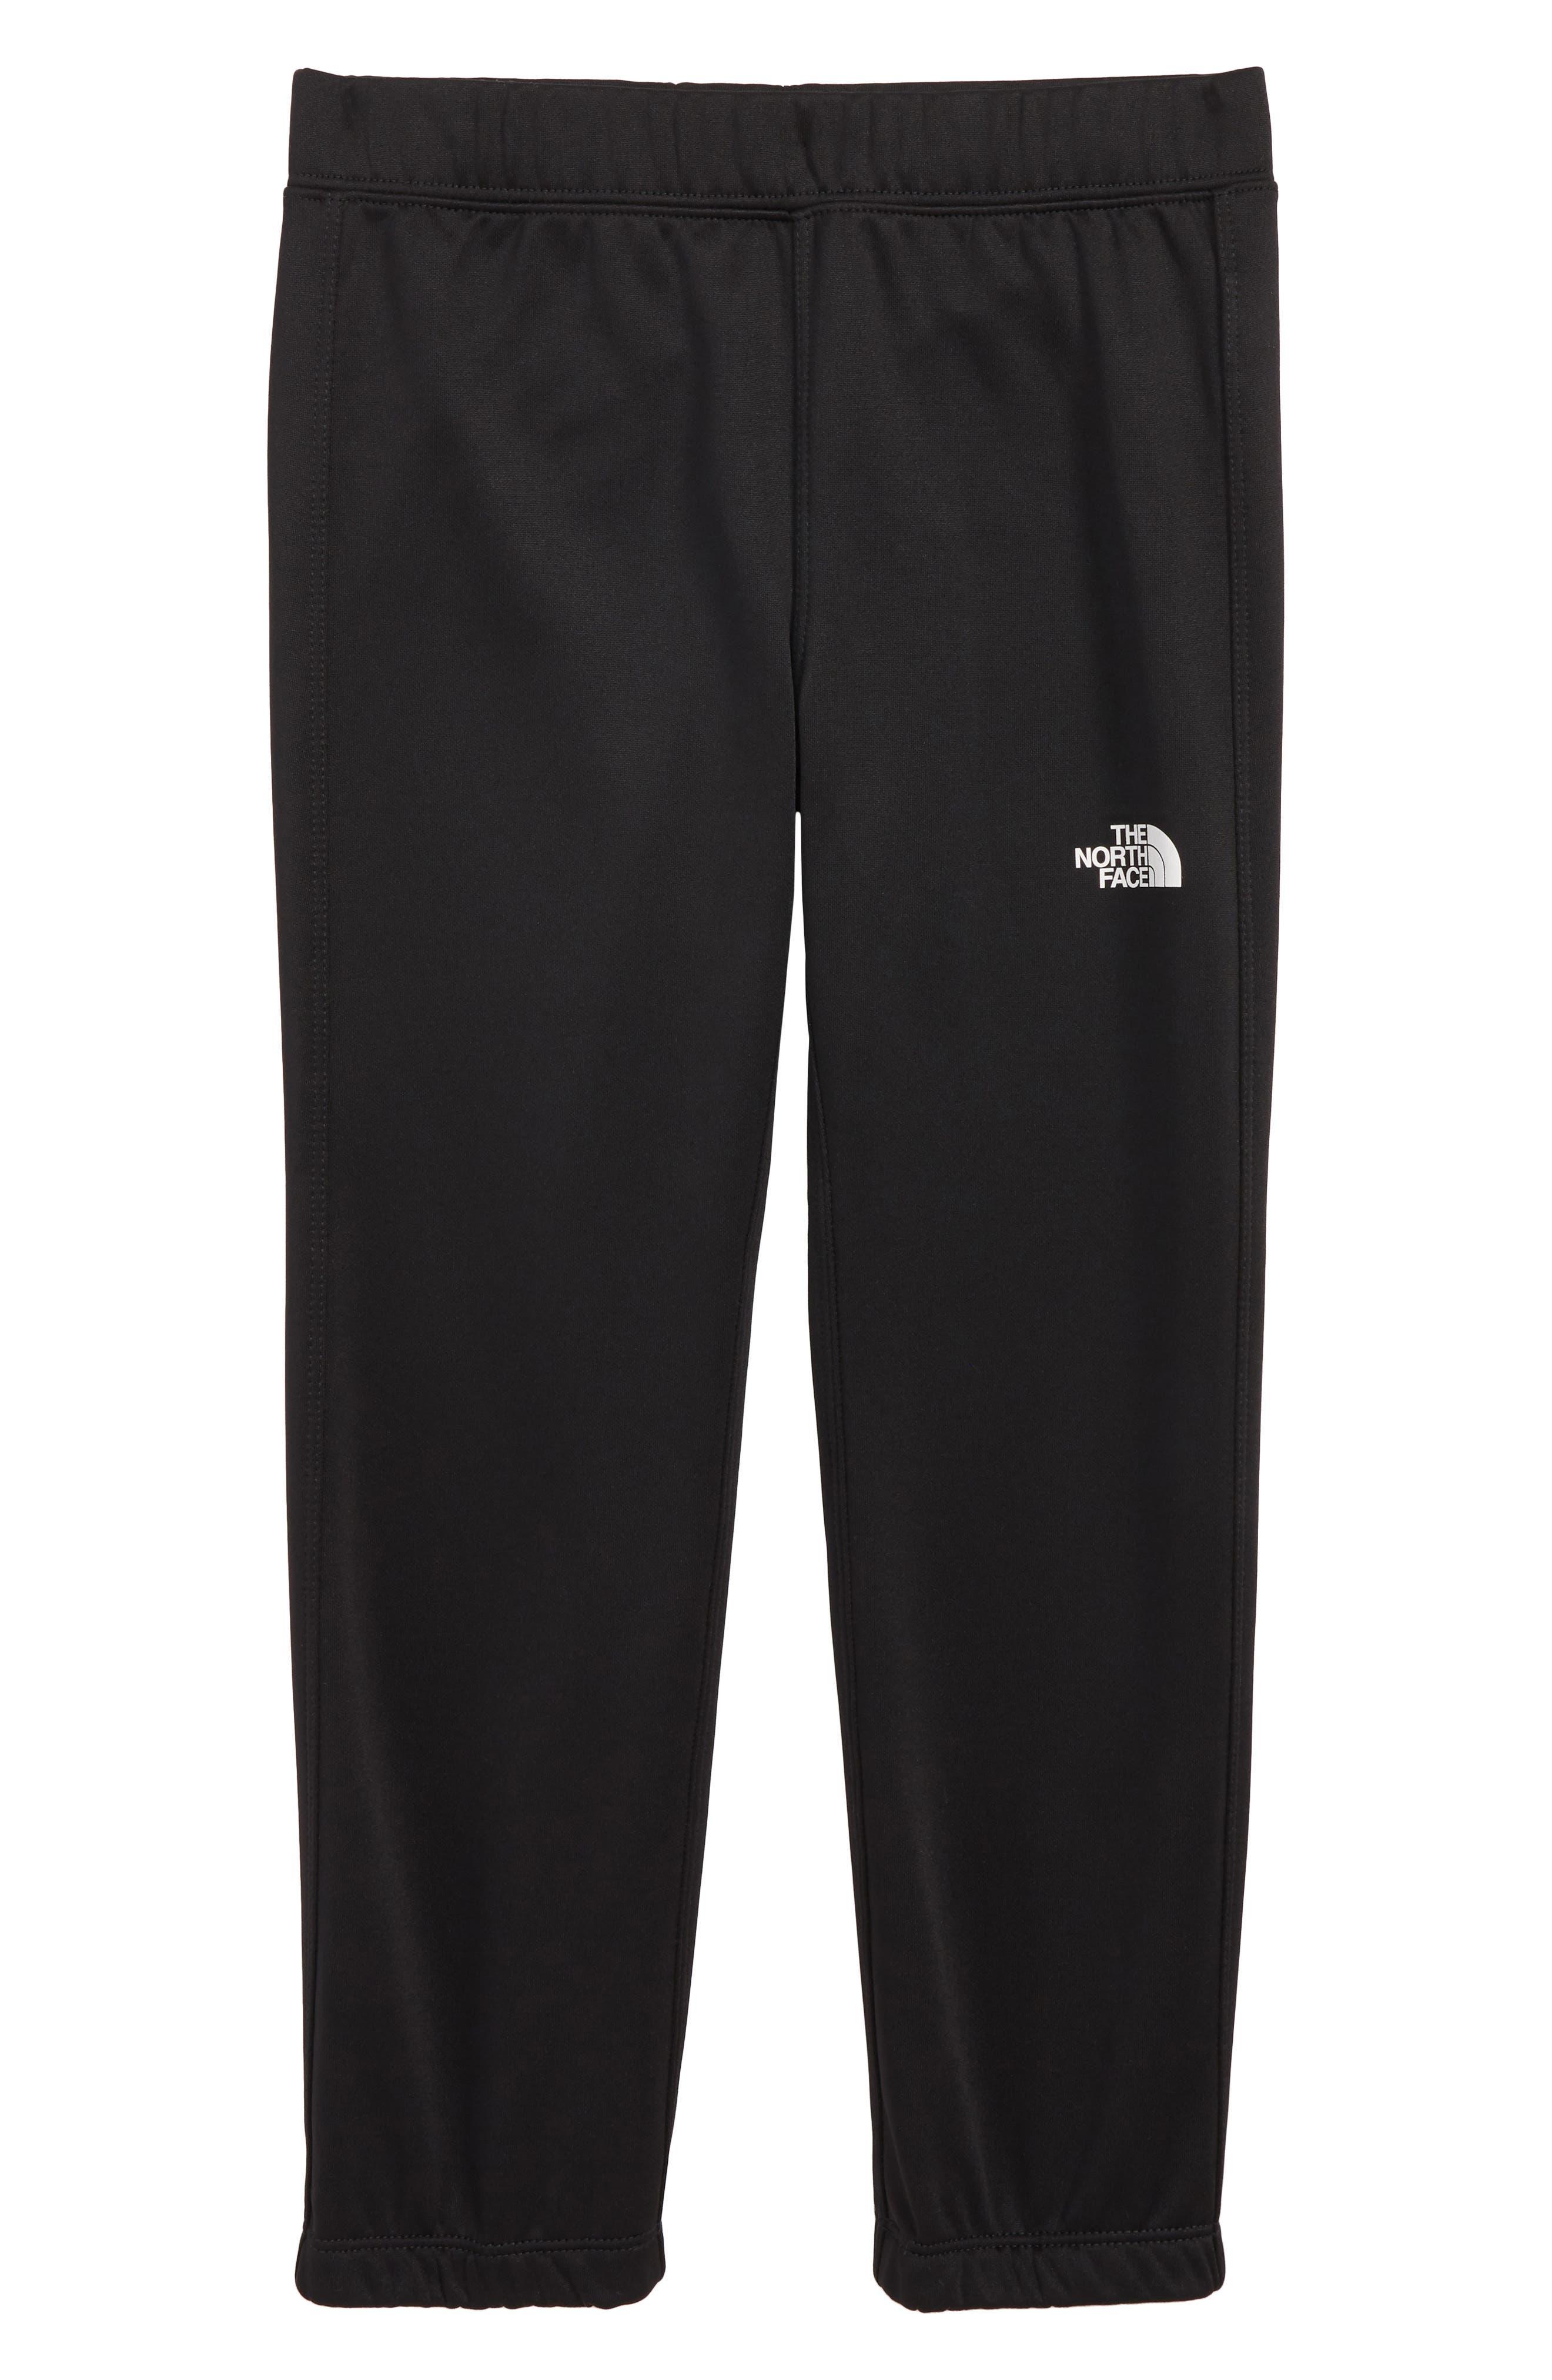 Surgent Sweatpants,                             Main thumbnail 1, color,                             TNF BLACK